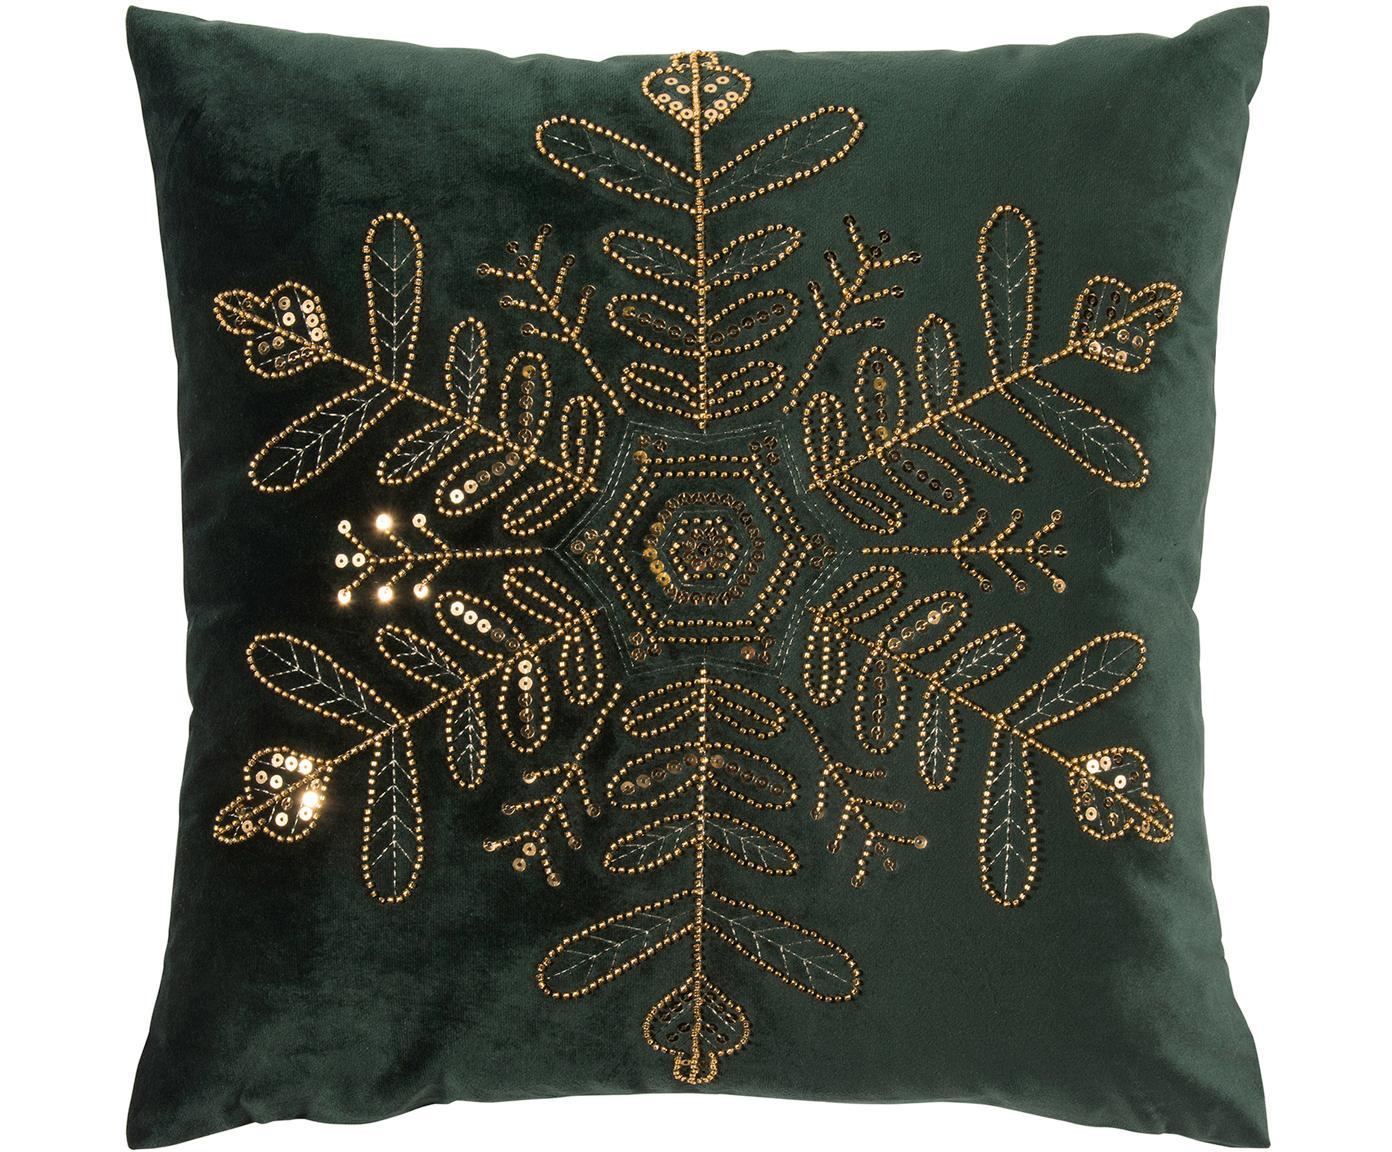 Fluwelen kussenhoes Sparkle met geborduurd parelmotief, Polyester fluweel, Donkergroen, goudkleurig, 45 x 45 cm